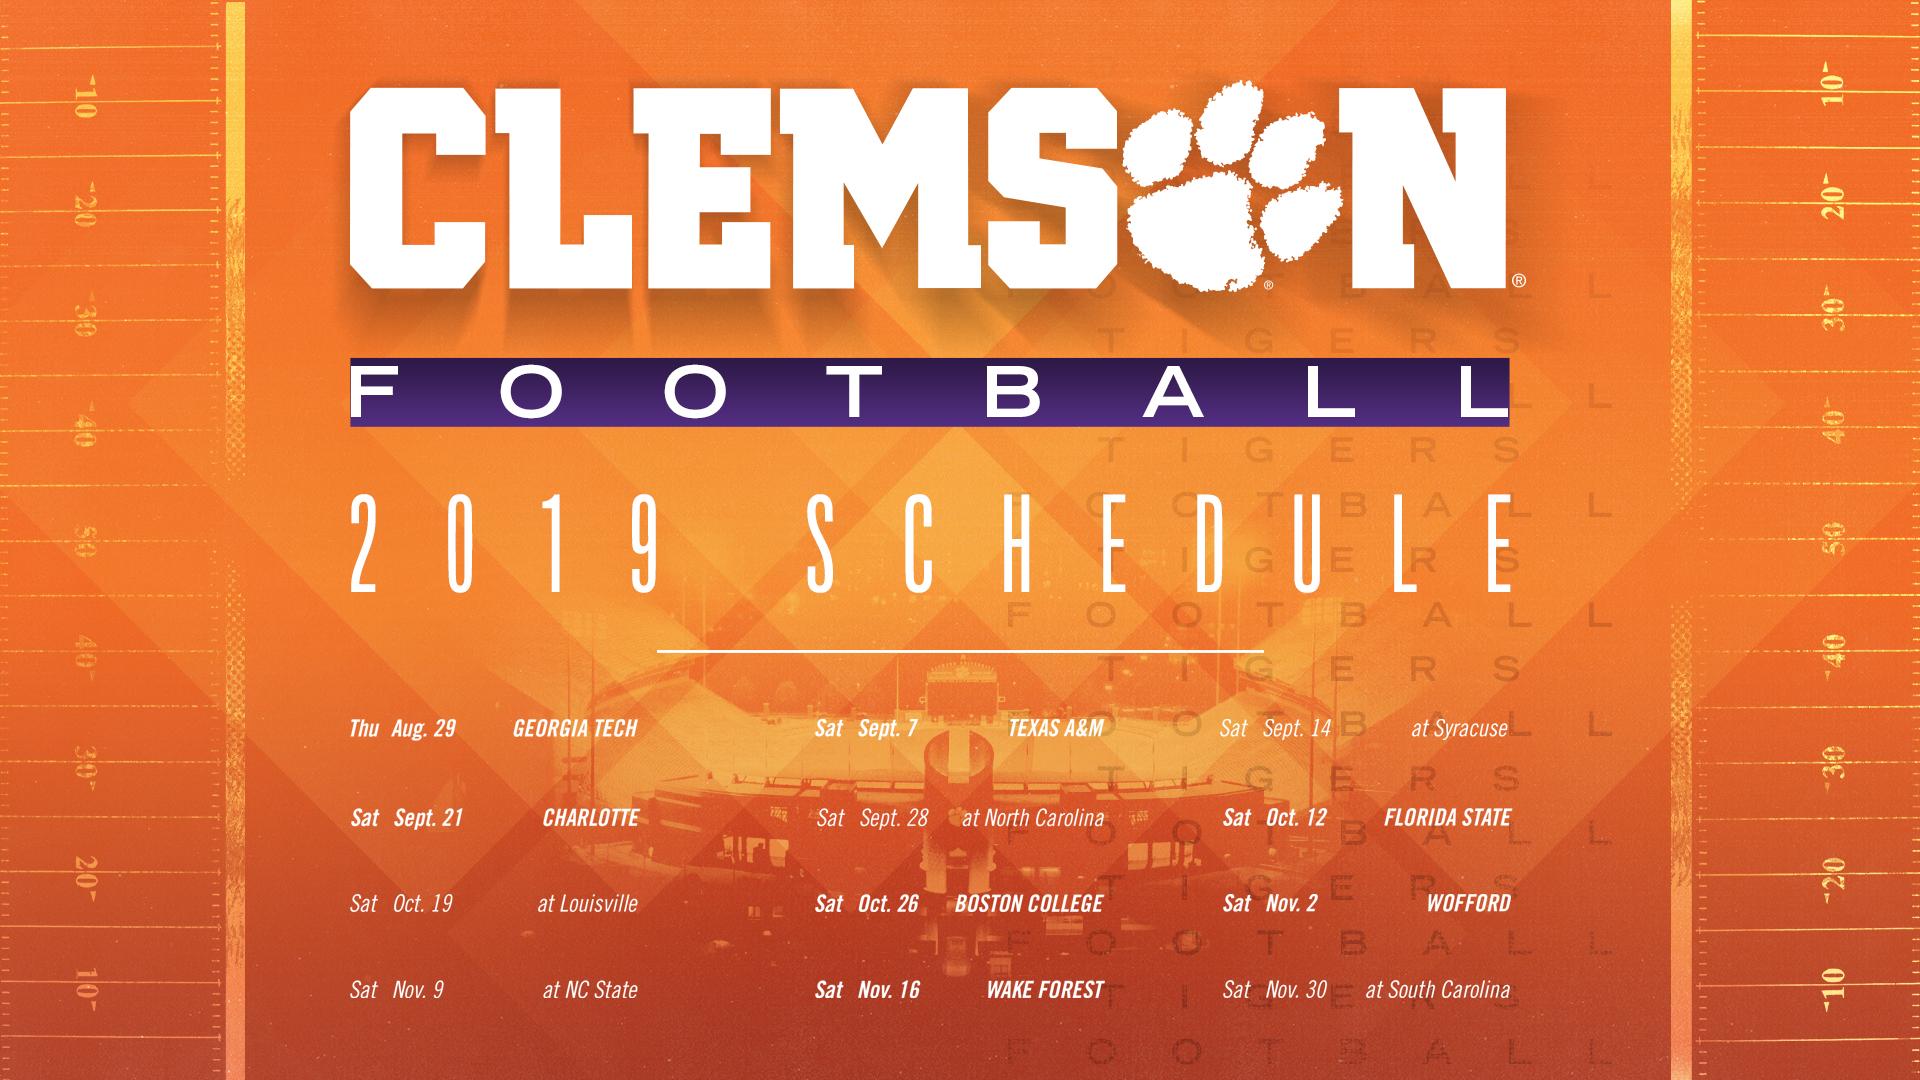 Clemson 2019 Calendar 2019 Clemson Football Spring Guide – SCHEDULE – Clemson Tigers